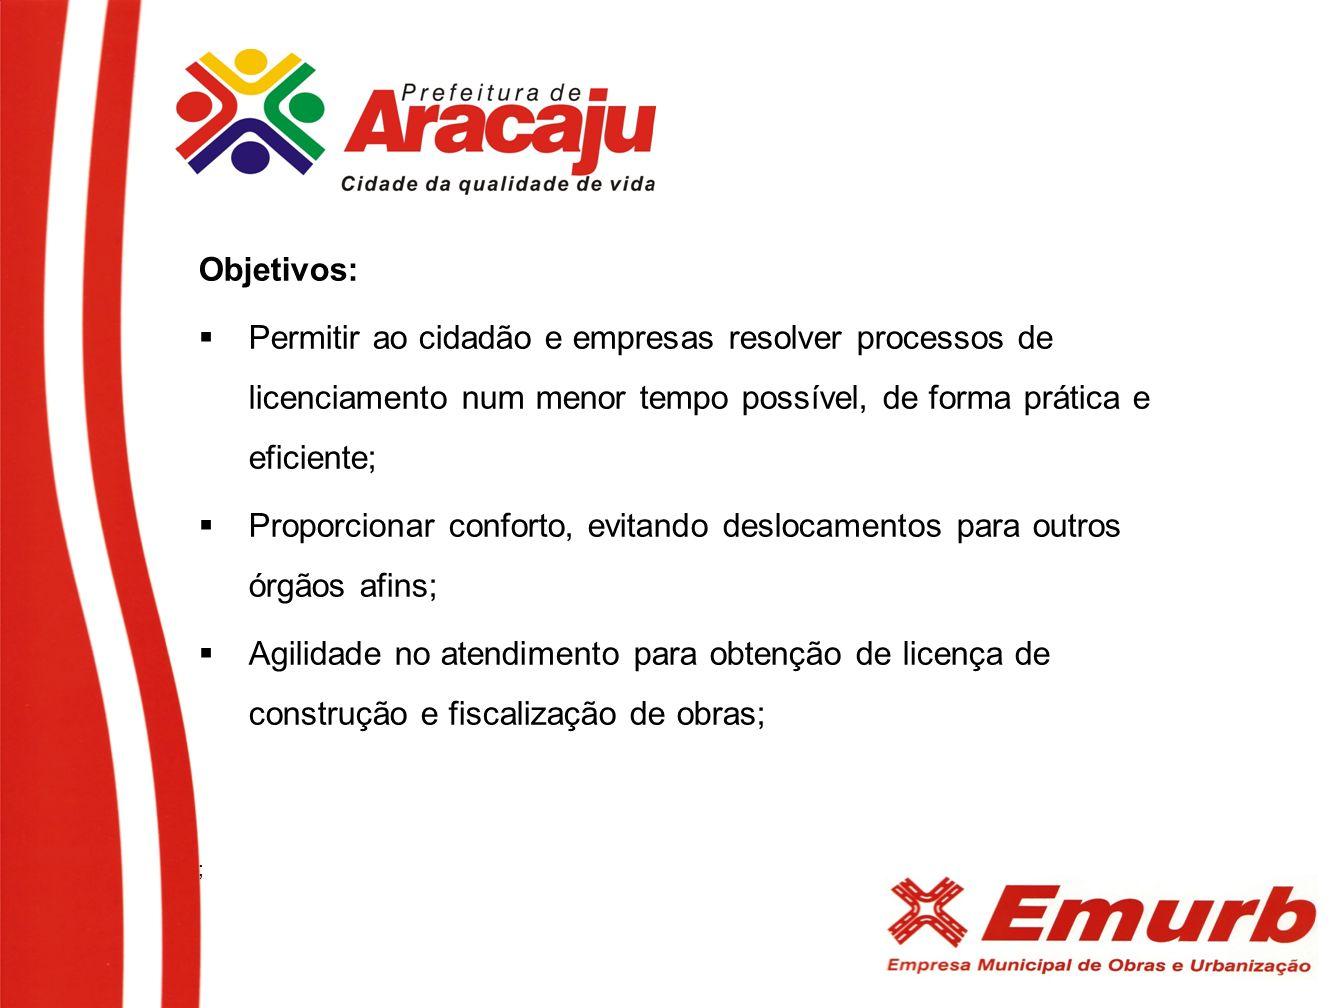 Objetivos: Permitir ao cidadão e empresas resolver processos de licenciamento num menor tempo possível, de forma prática e eficiente;